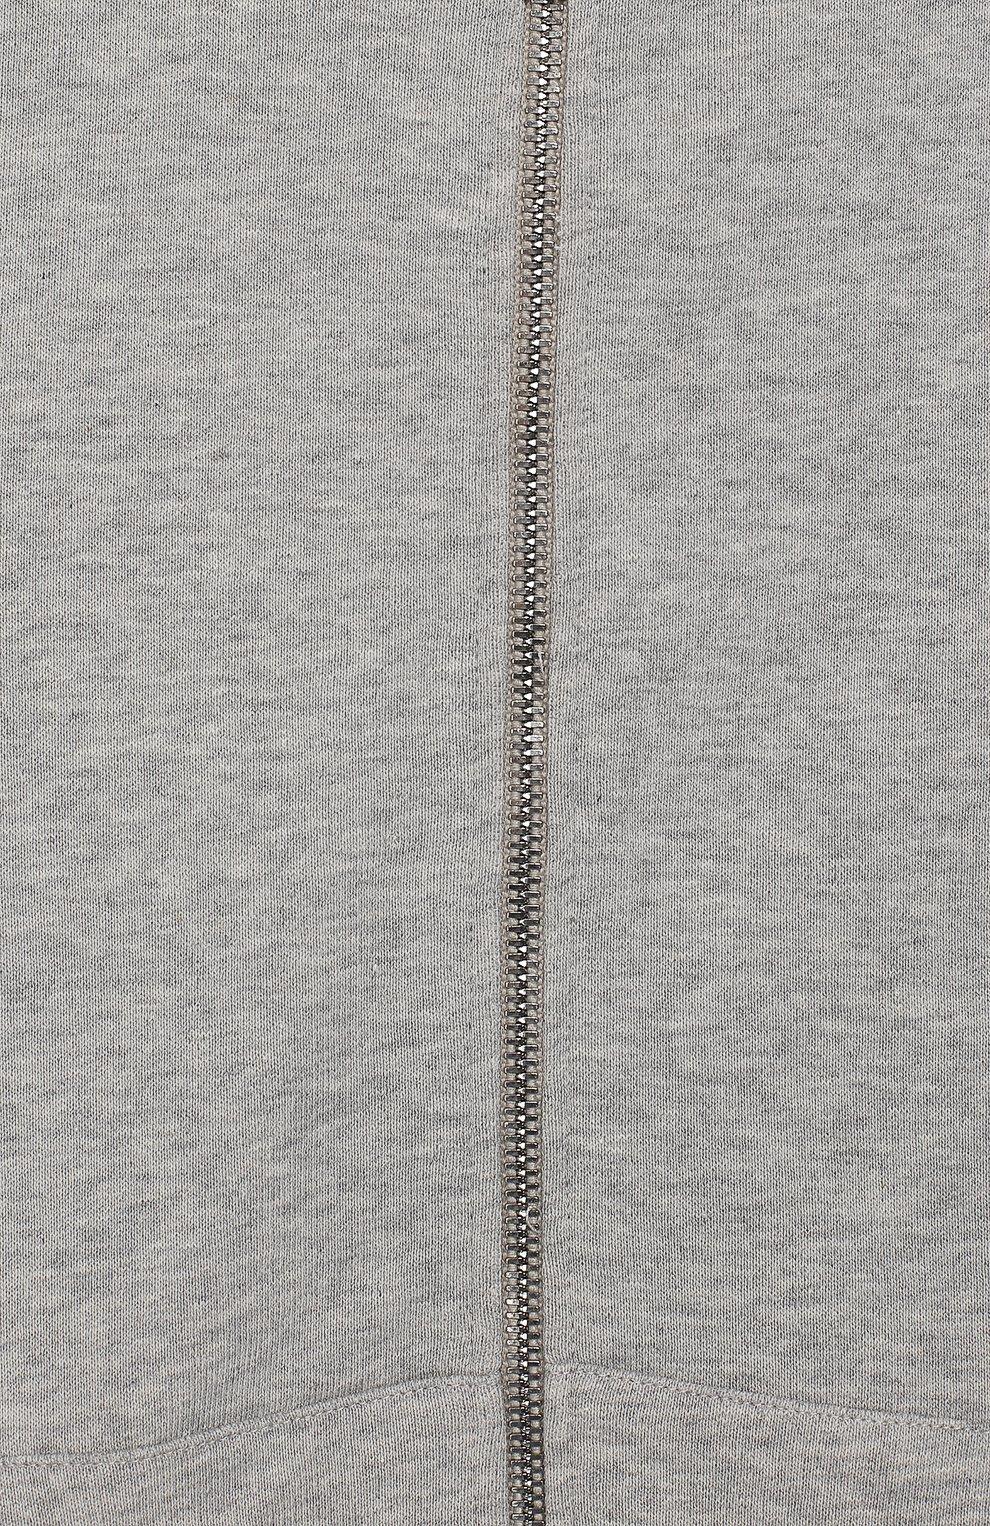 Детский хлопковый кардиган с капюшоном GUCCI серого цвета, арт. 540648/X9L54 | Фото 3 (Рукава: Длинные; Мальчики Кросс-КТ: Толстовка-спорт; Материал внешний: Хлопок; Статус проверки: Проверено; Ростовка одежда: 10 - 11 лет | 140 - 146см, 12 лет | 152 см, 4 года | 104 см, 5 лет | 110 см, 6 лет | 116 см, 8 лет | 128 см)